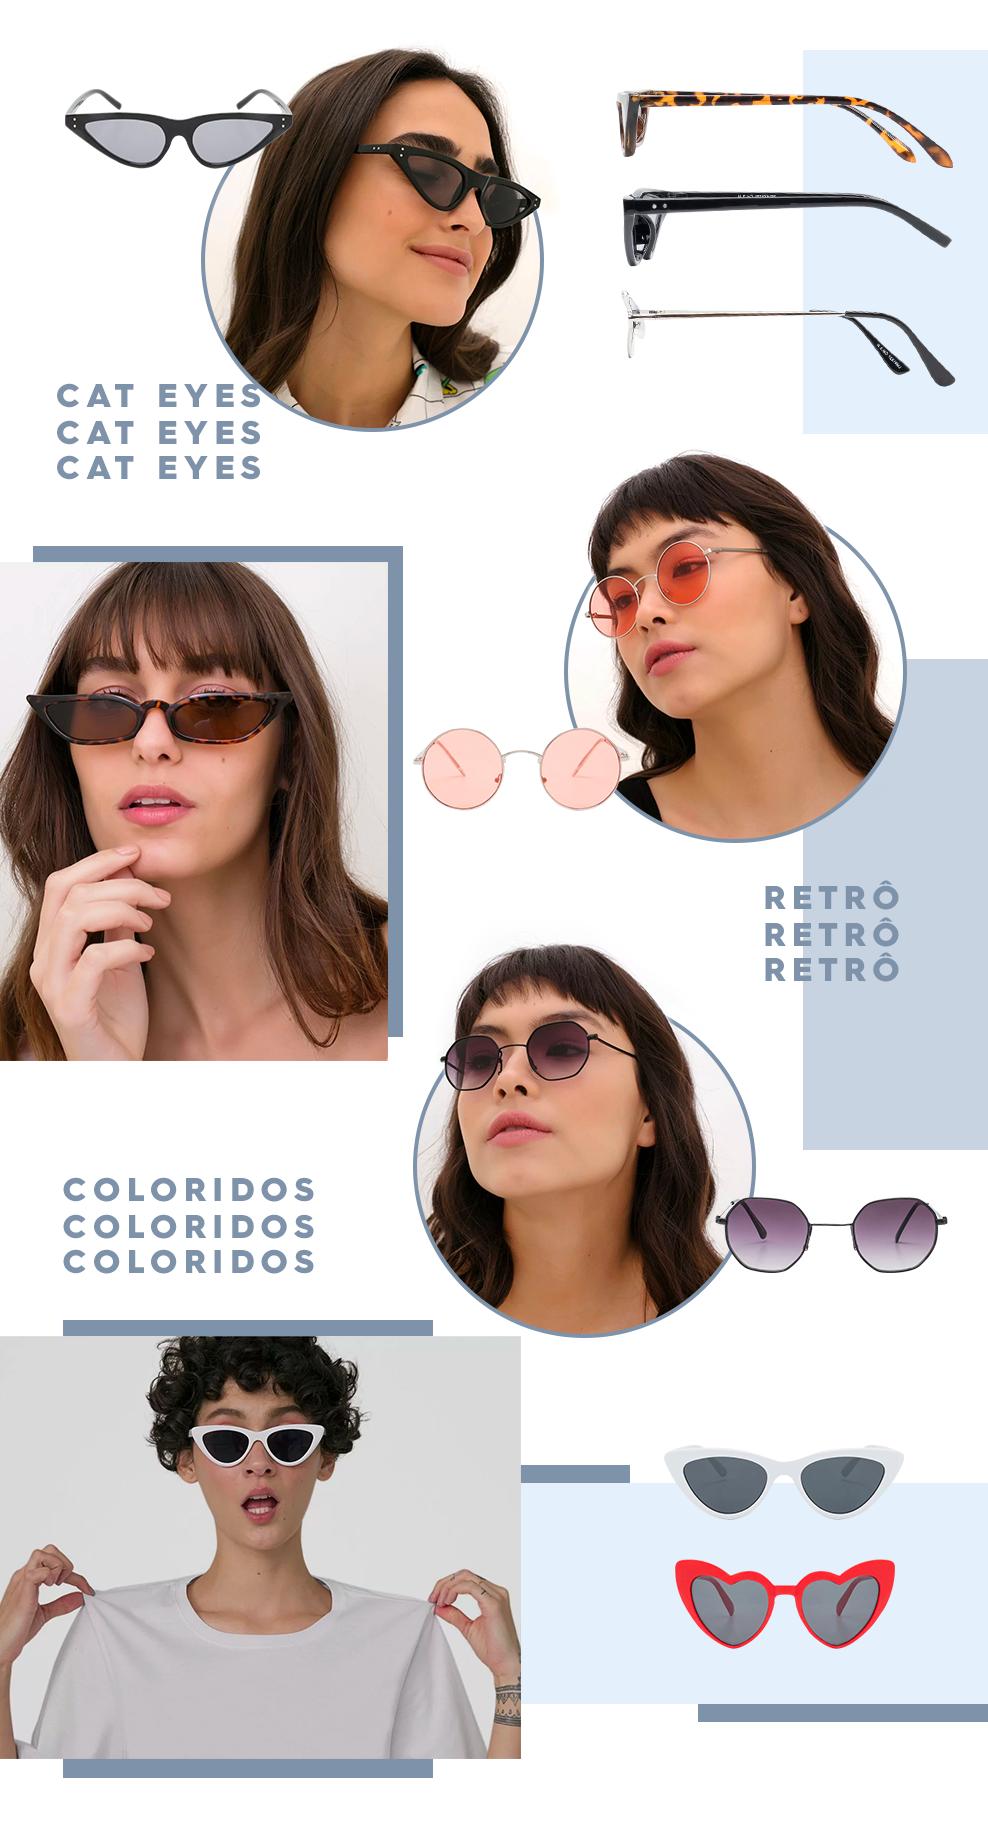 a4fc2a82b gatinho, armação colorida, retrô... a primavera combina com óculos de sol  em (quase) todos os looks, né?